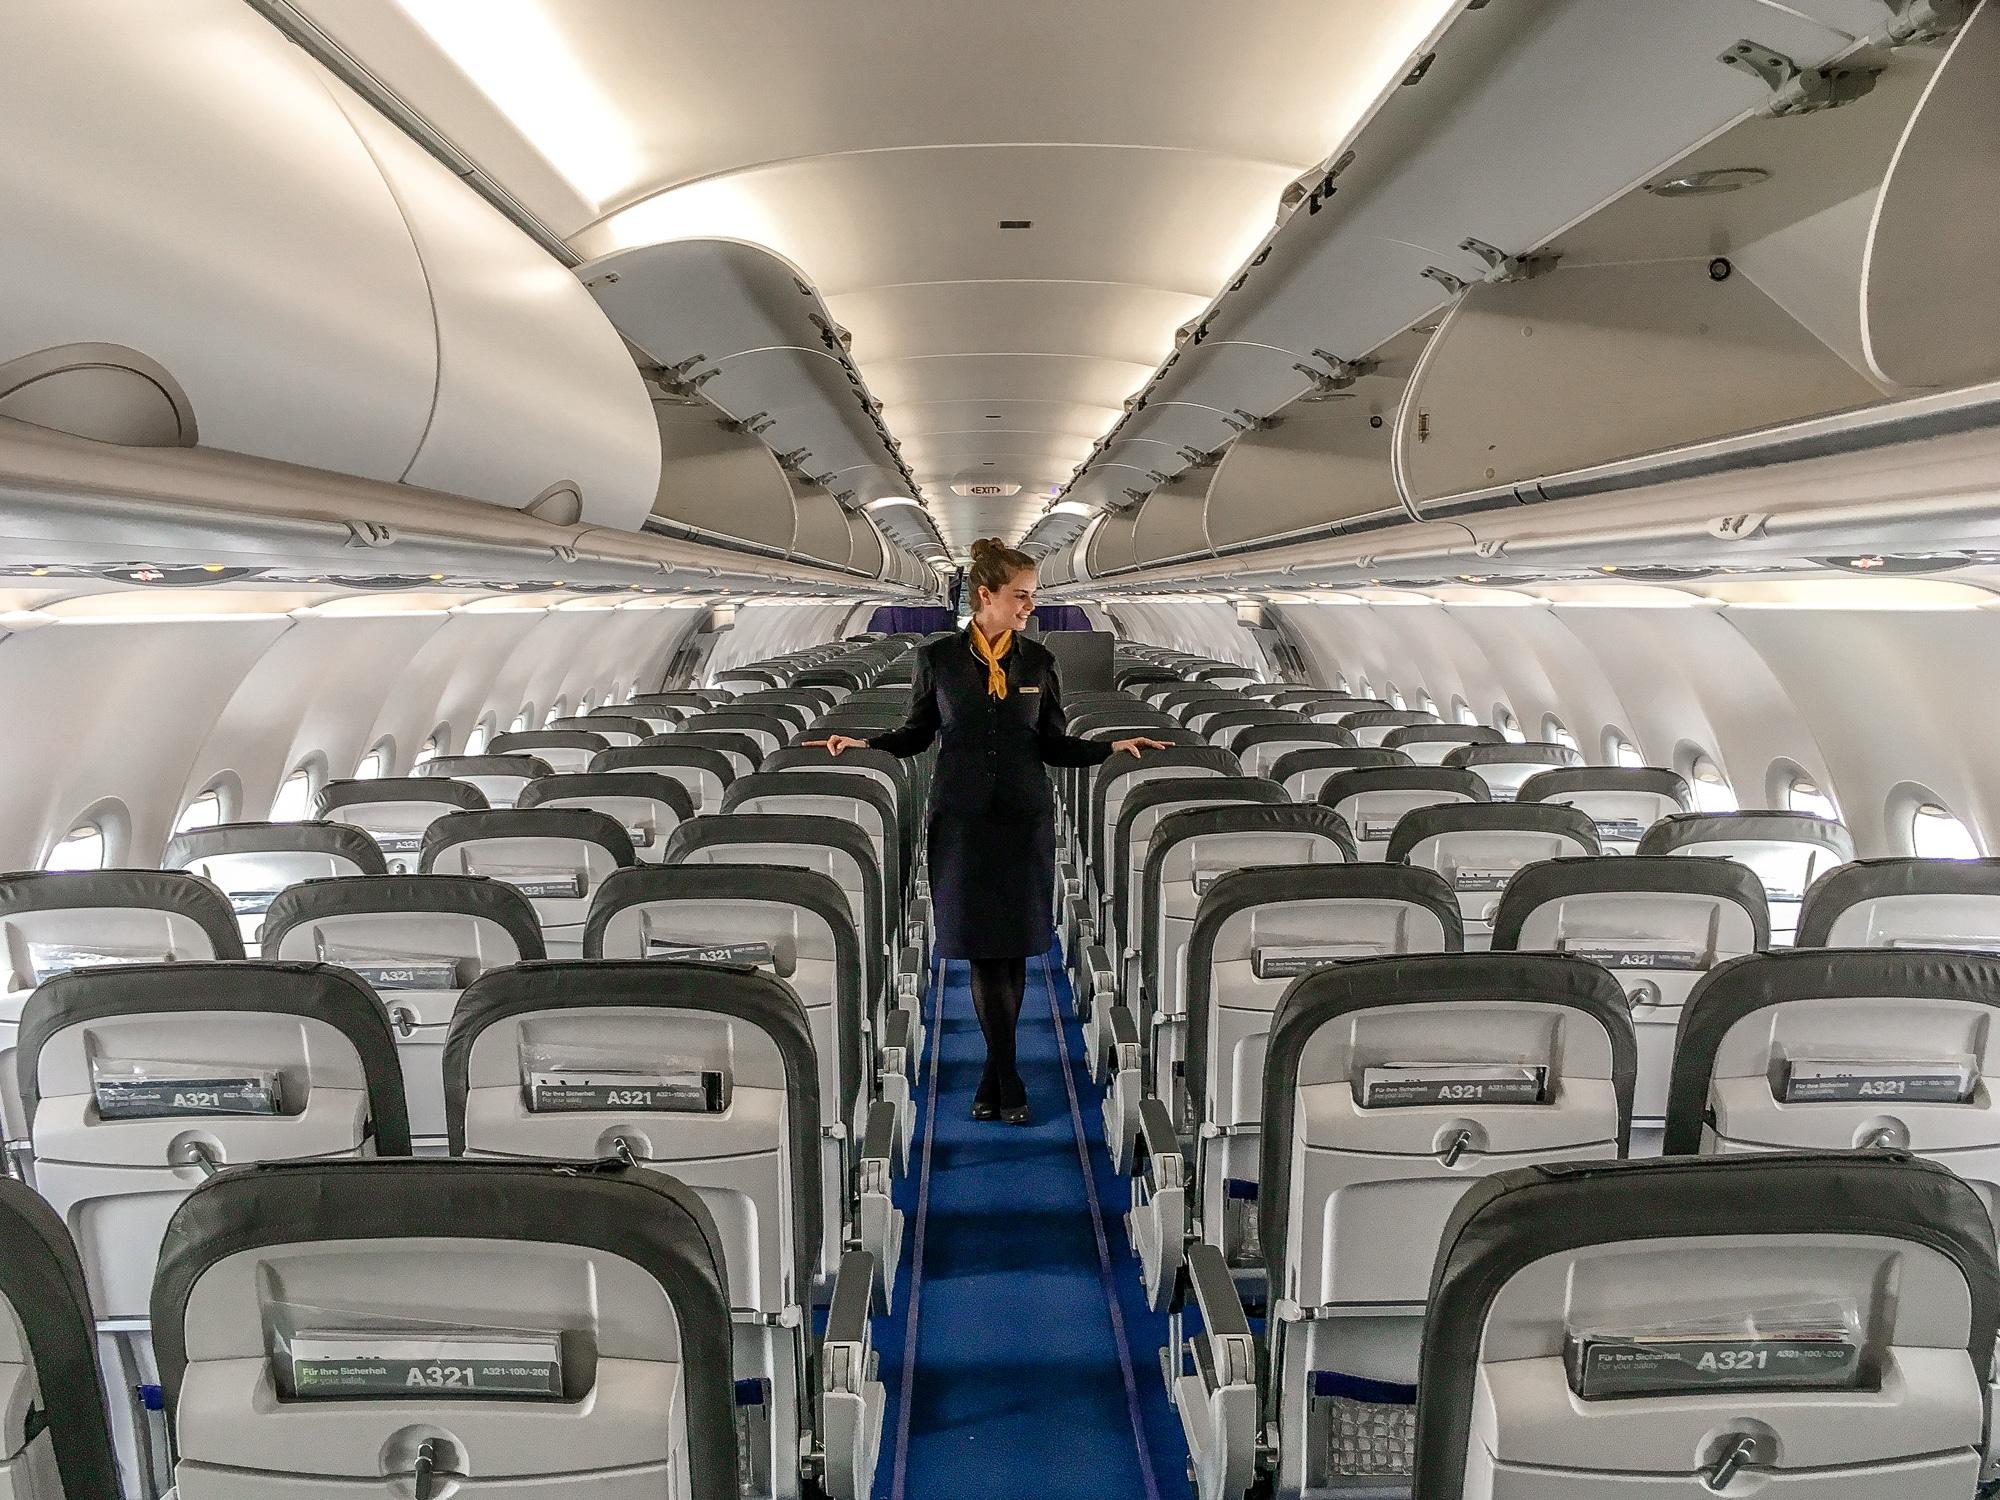 Fliegerwissen: 50 Fragen an eine Flugbegleiterin